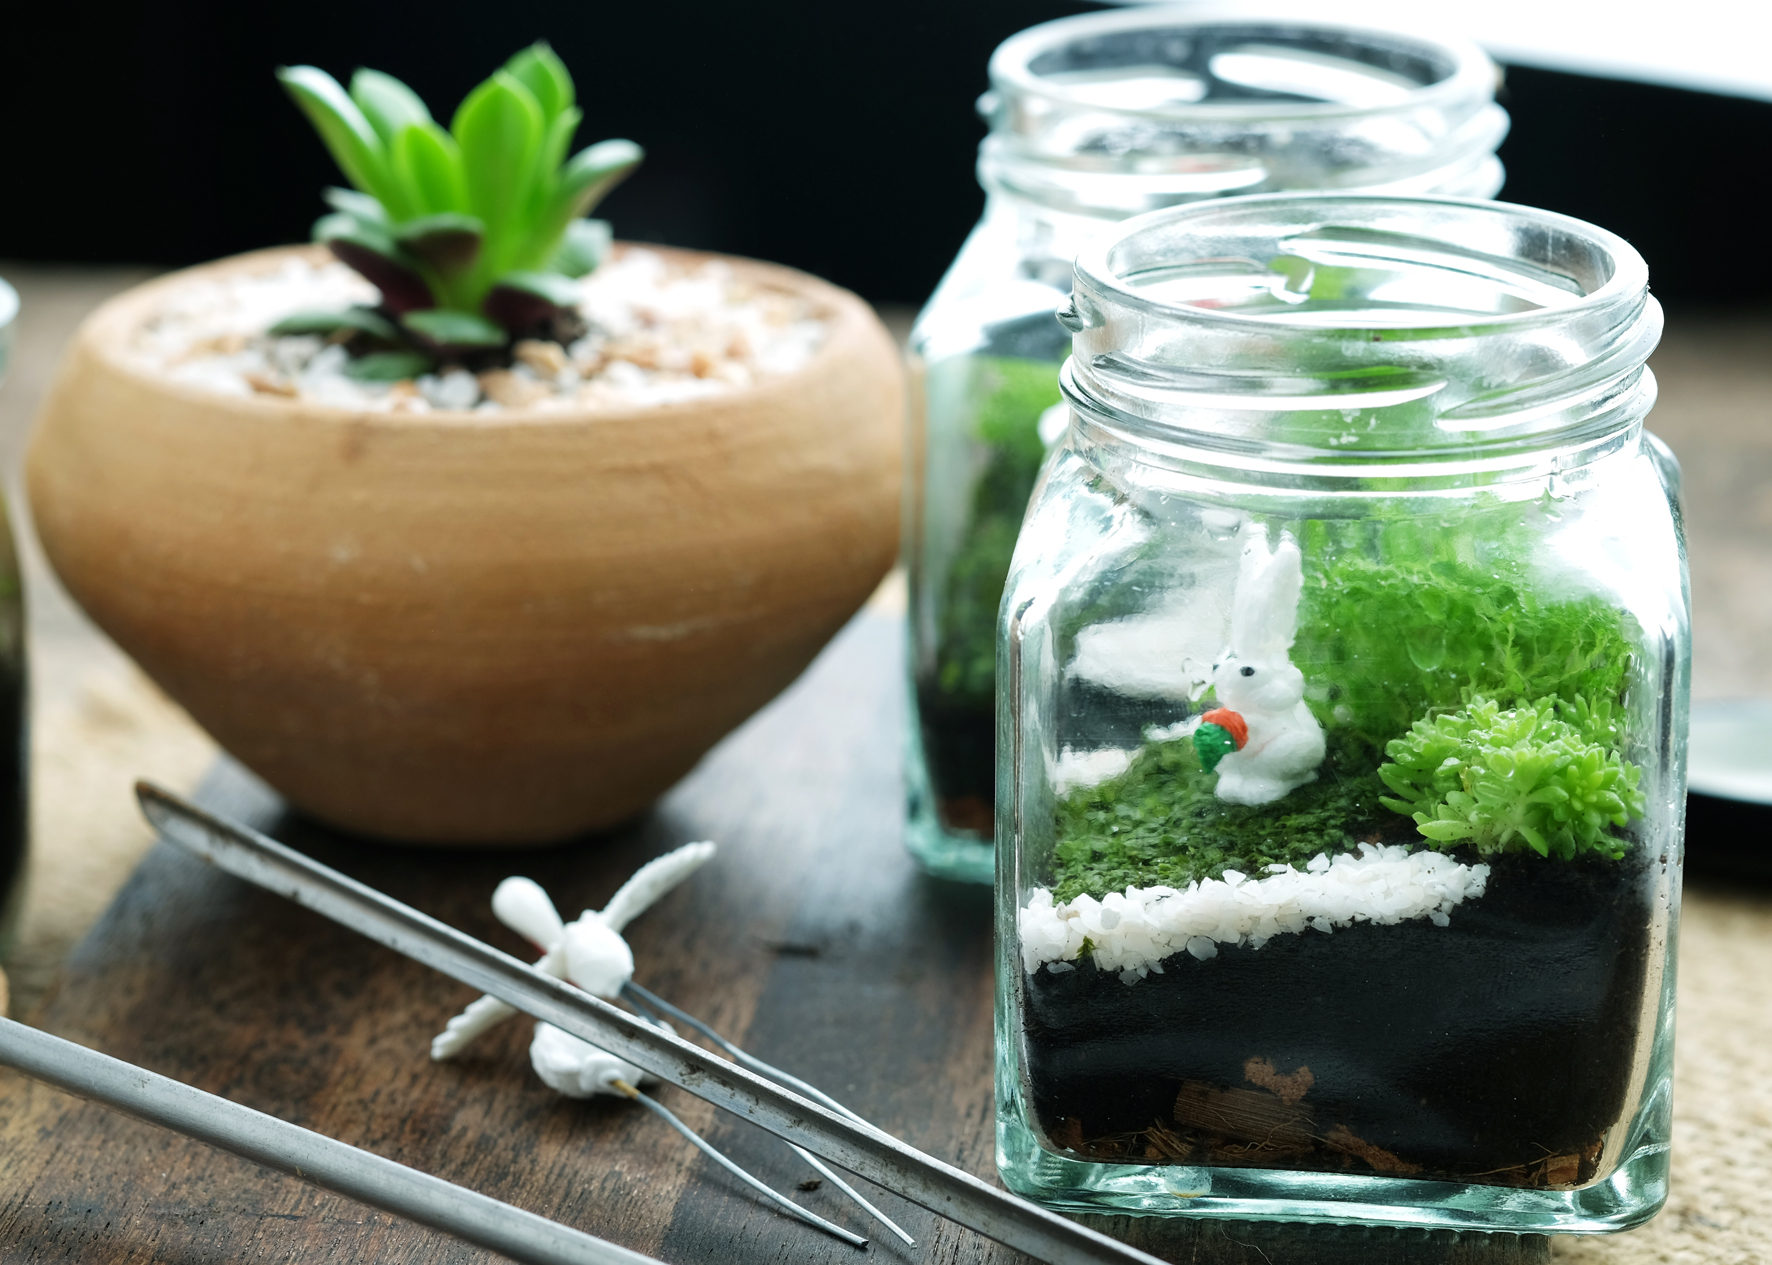 Použít se dají zajímavé kameny, barevný písek, miniaturní sošky i plastová zvířátka.